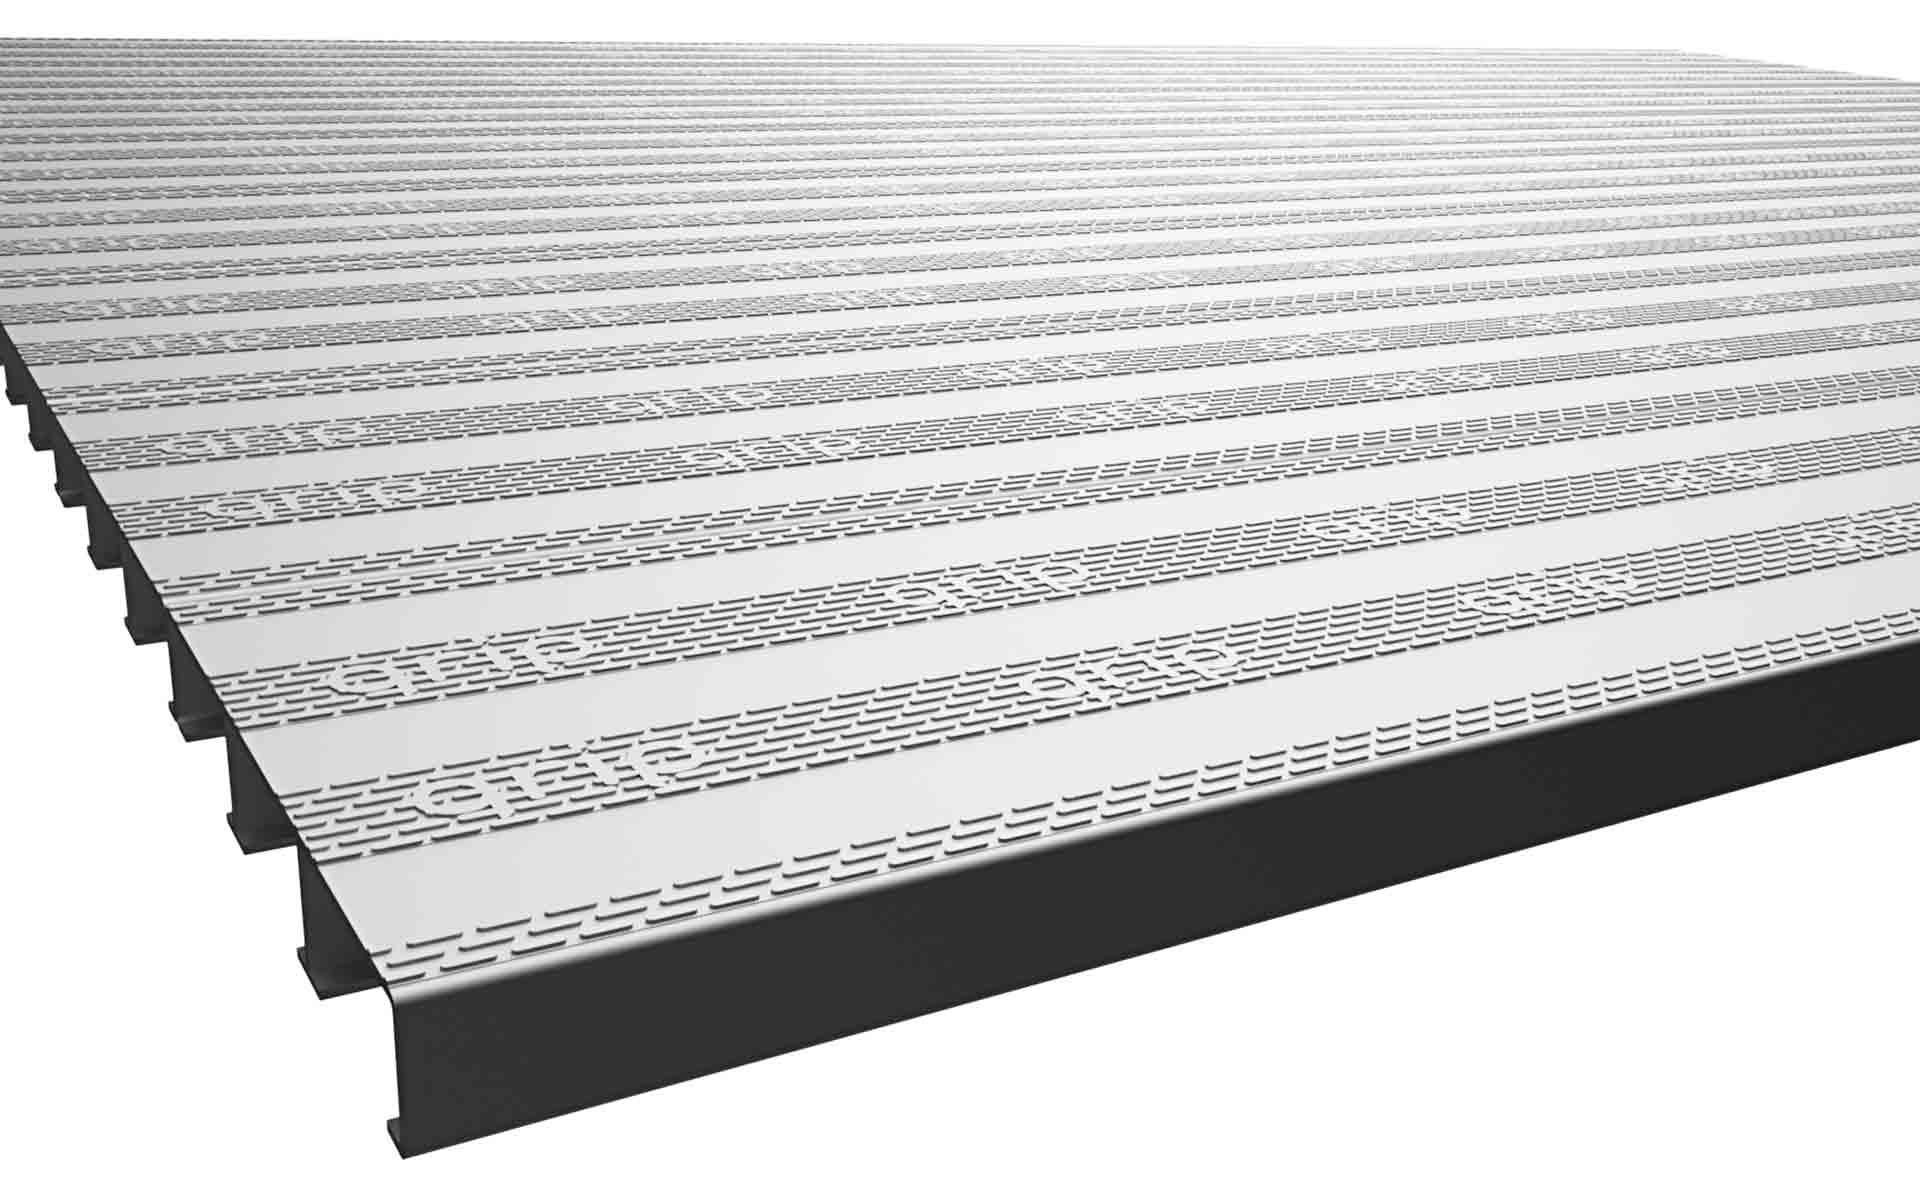 Qrip aluminium floor